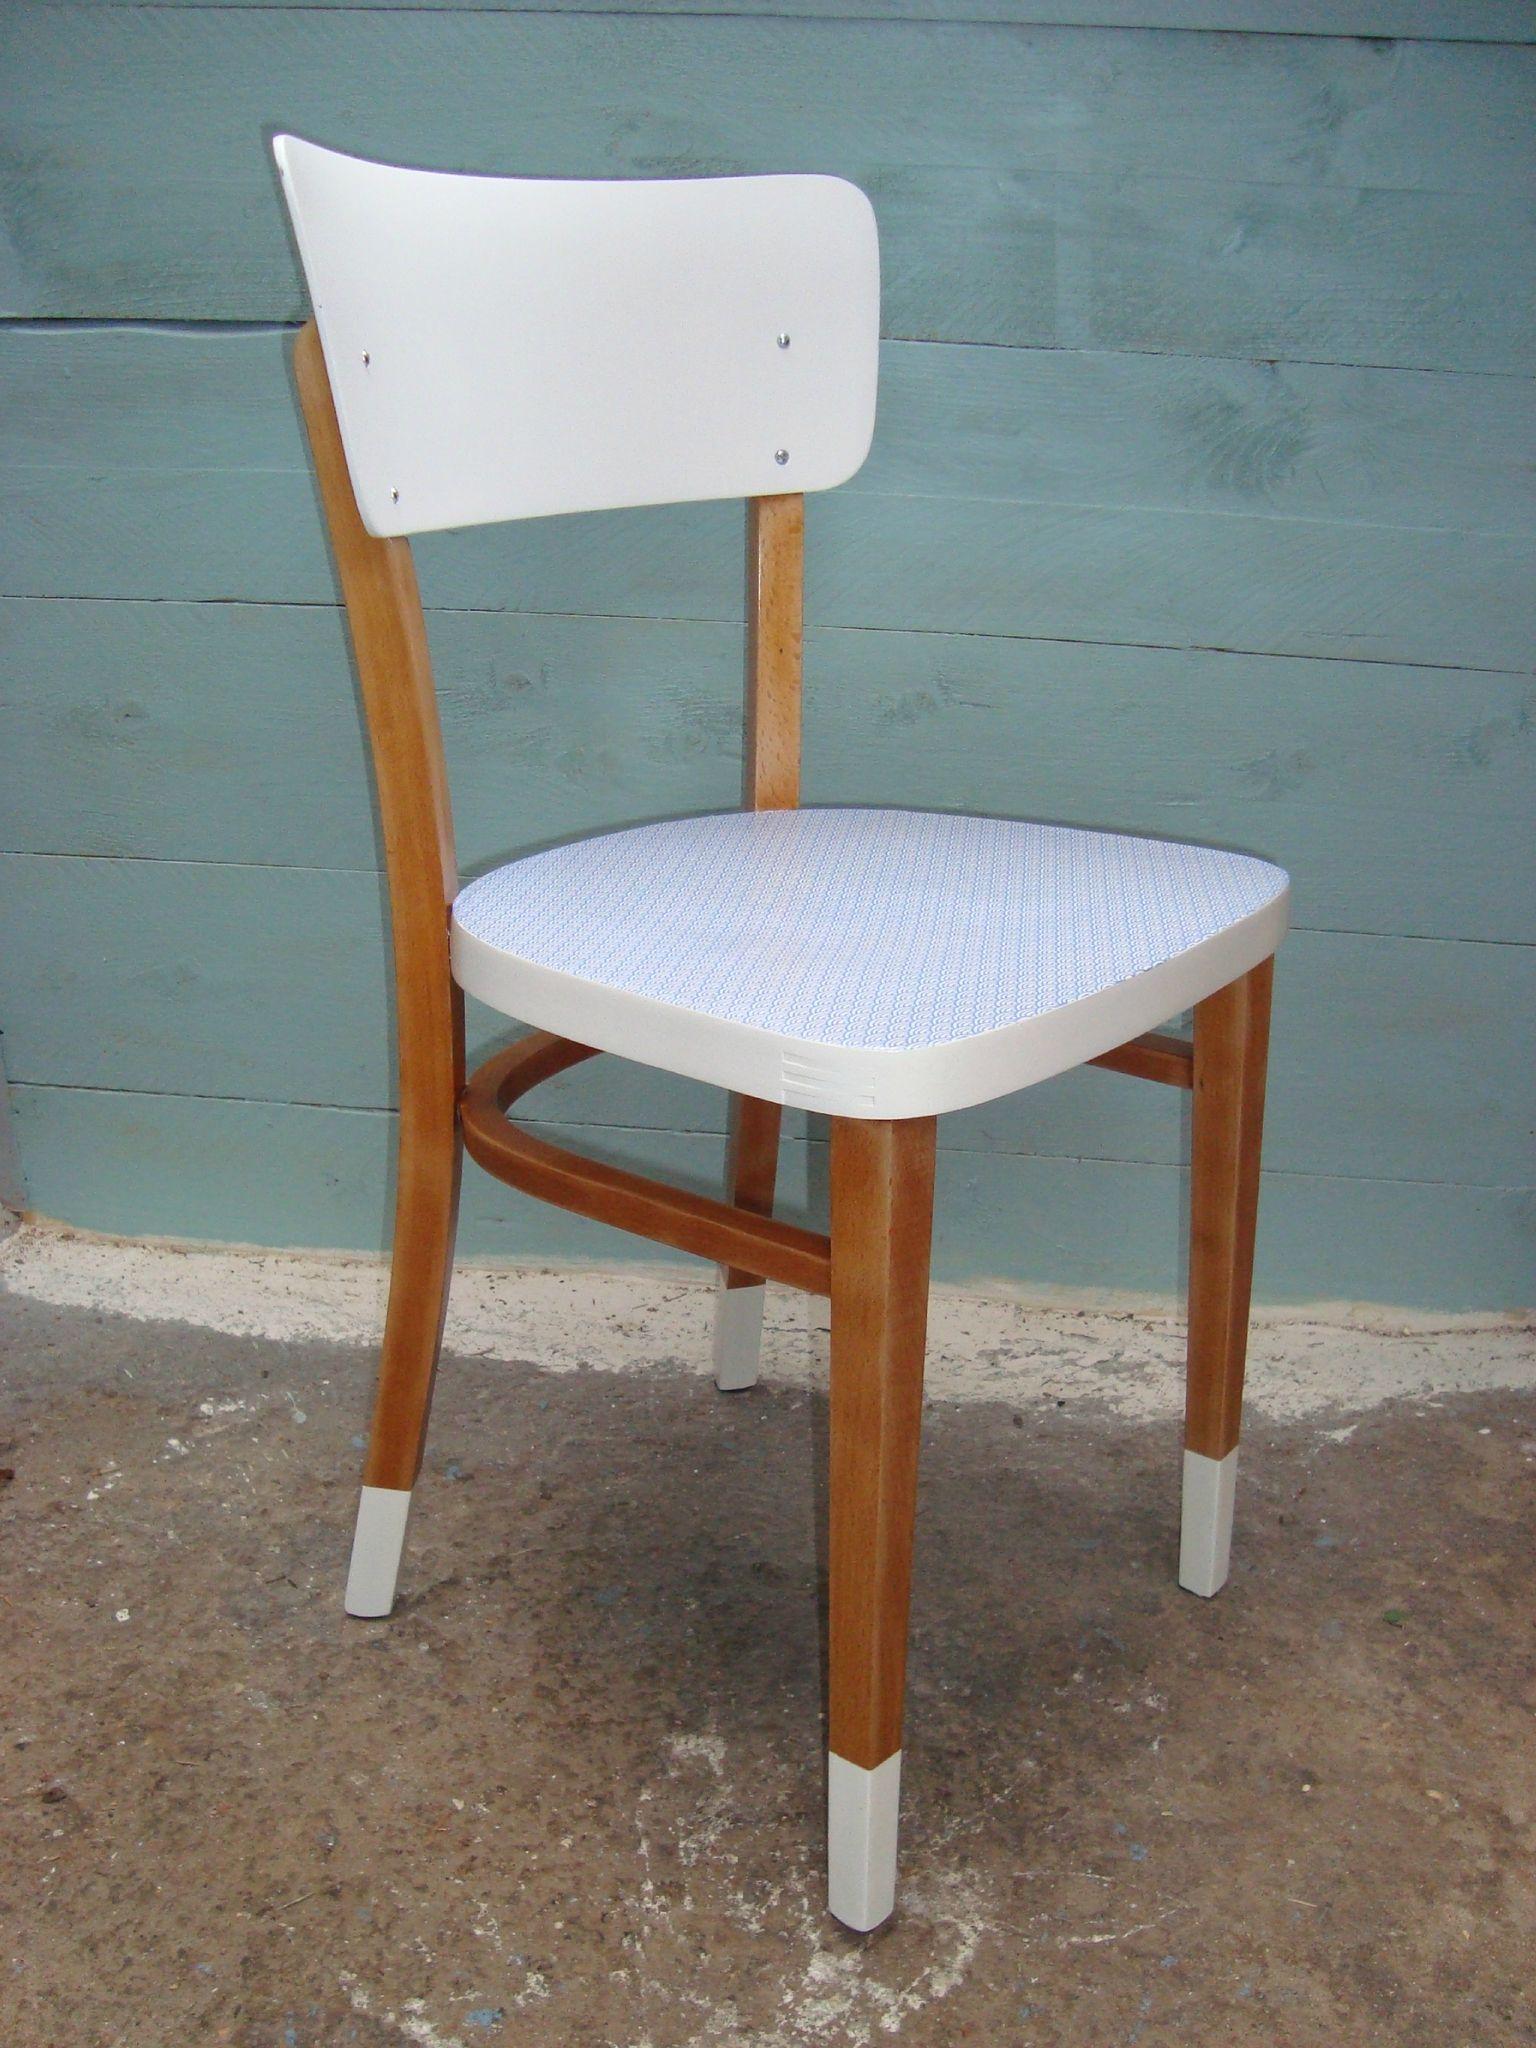 Chaise En Bois Avec Des Touches De Blanc Meuble Customiser Chaise Bois Chaises Bois